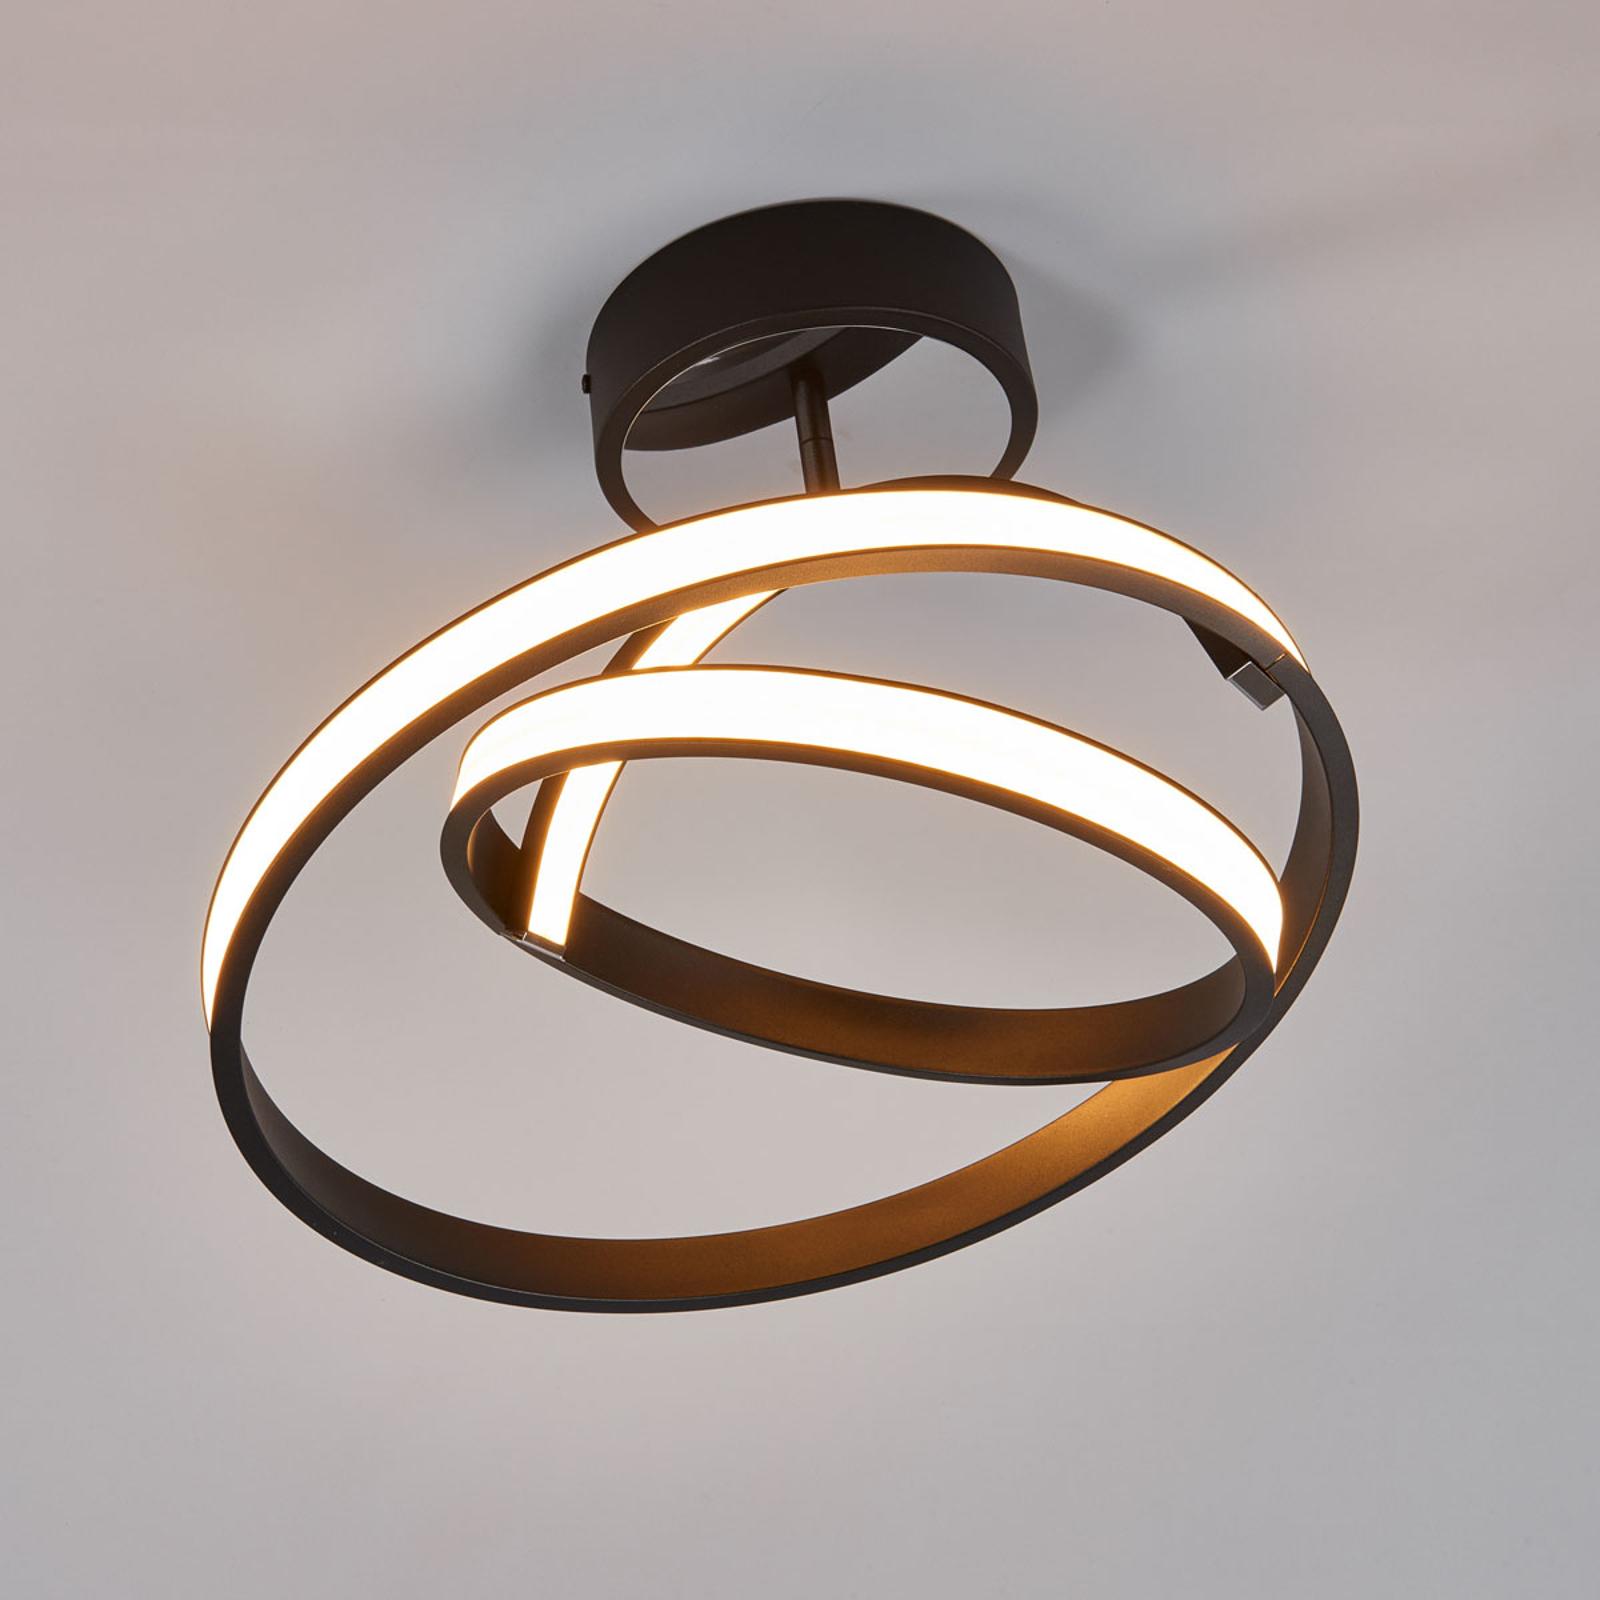 LED-Deckenleuchte Largo Ø 45 cm schwarz